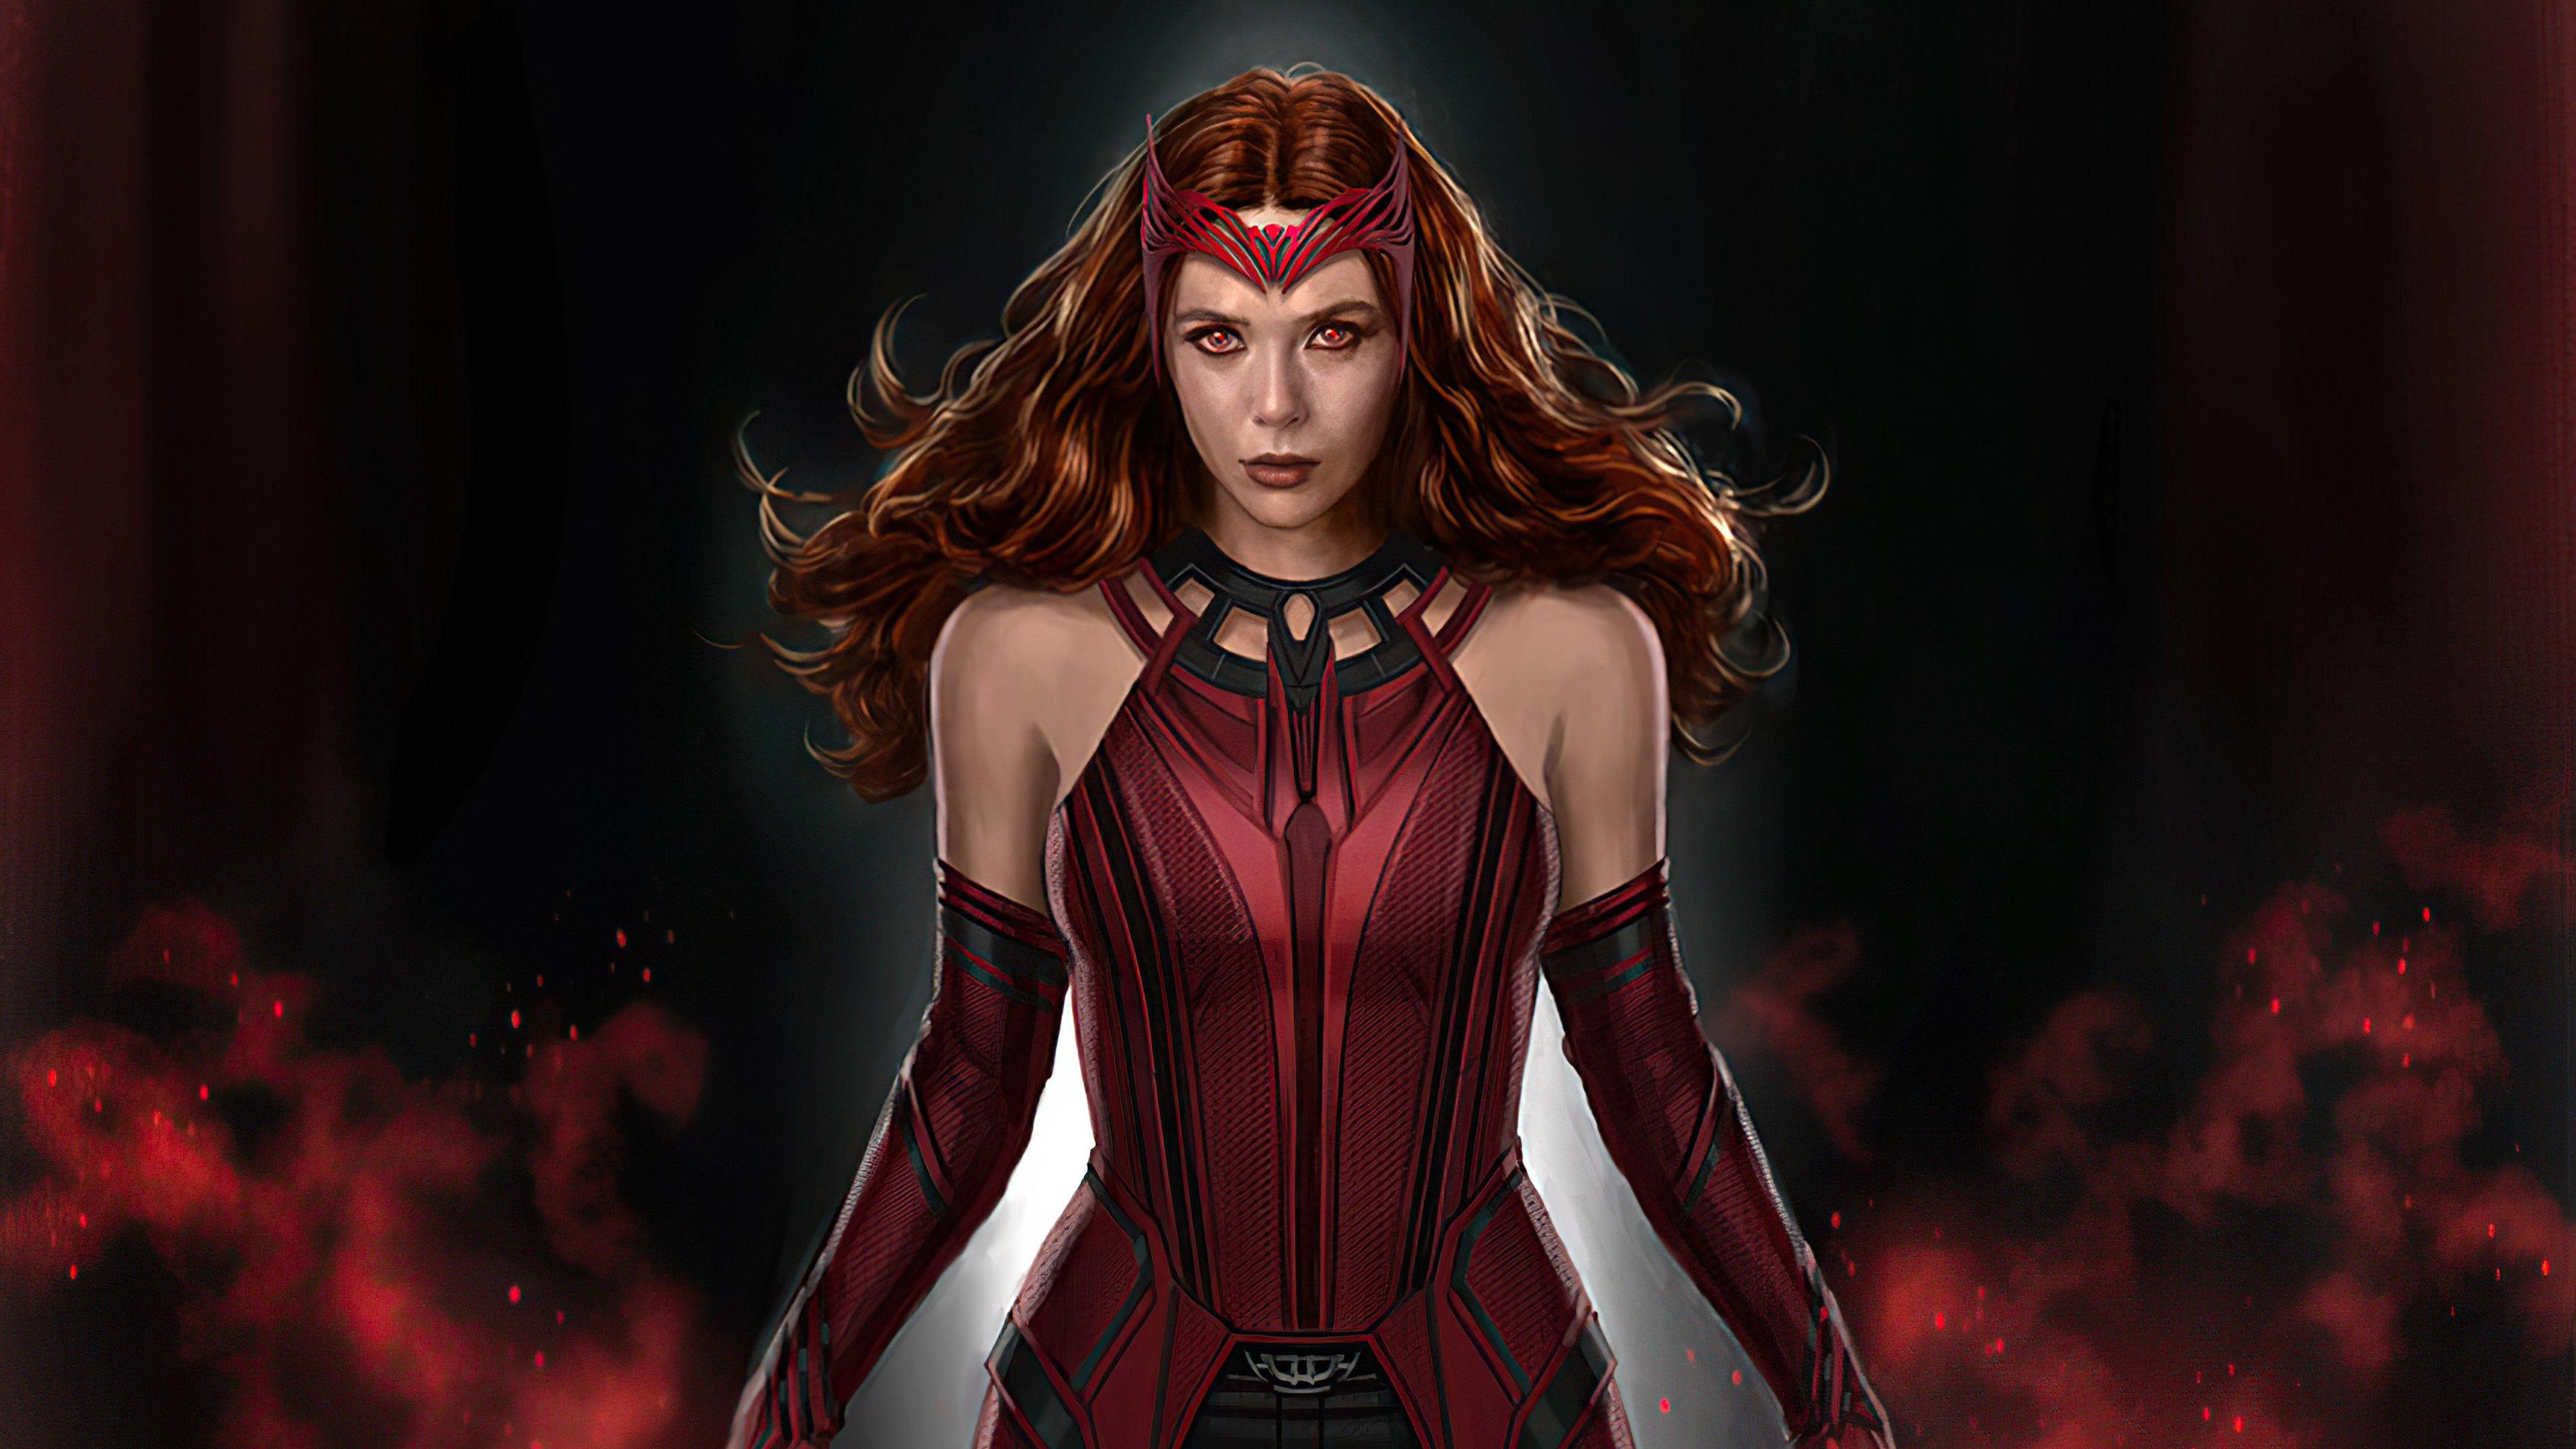 Wallpaper Scarlet Witch Fanart 2021